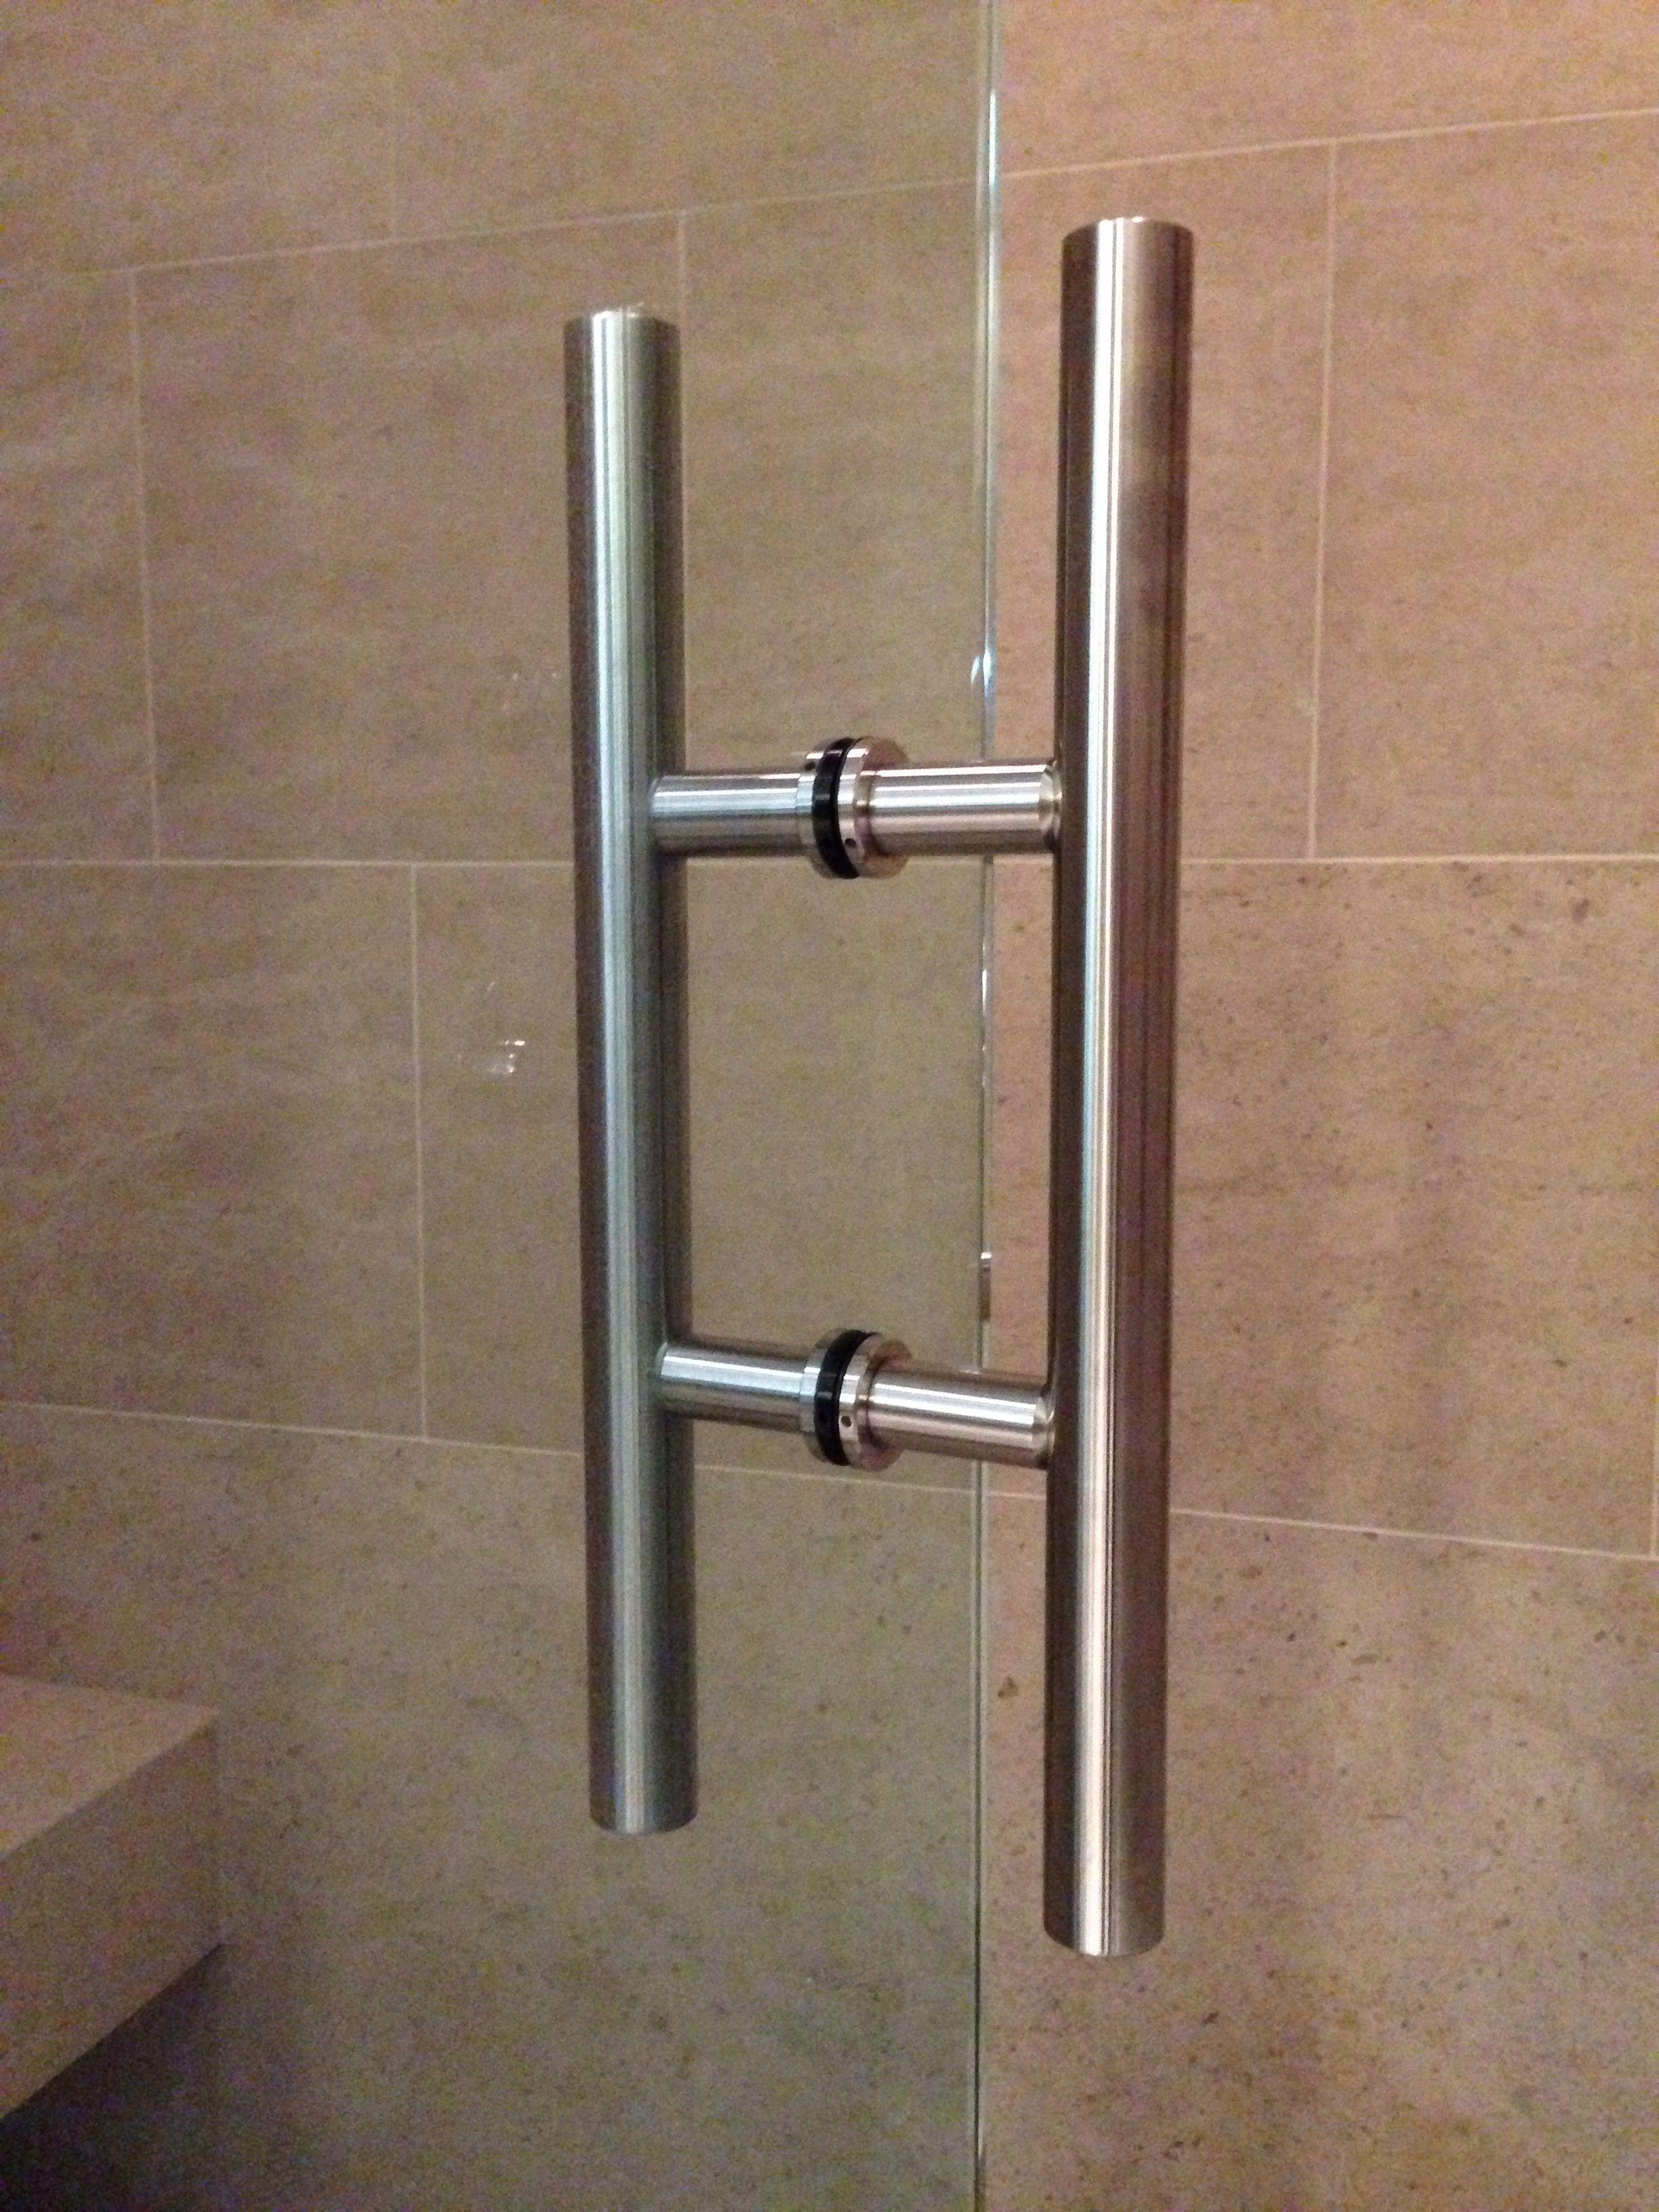 Minimalist Shower Door Pull By Hafele Minimalist Showers Shower Doors Hafele